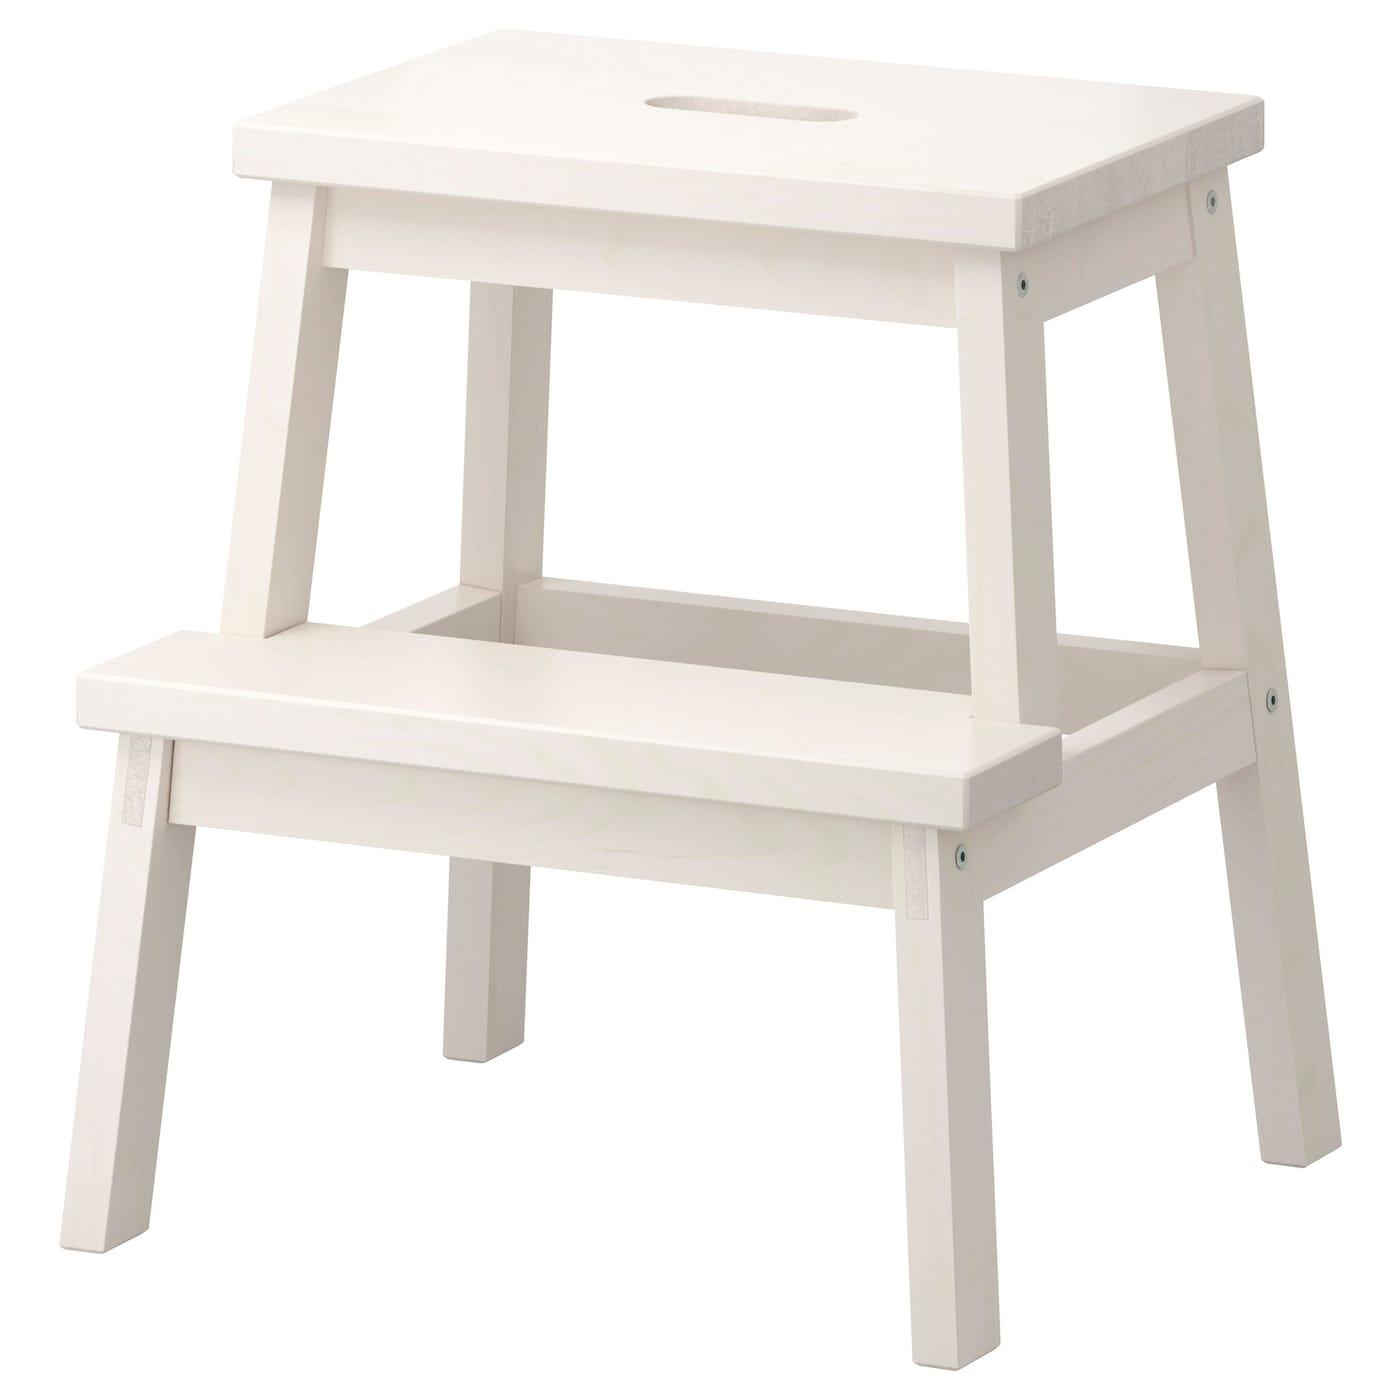 IKEA Klapptritt Leiter Haushaltsleiter Klappleiter Tritt 3 Stufen stufig BUCHE